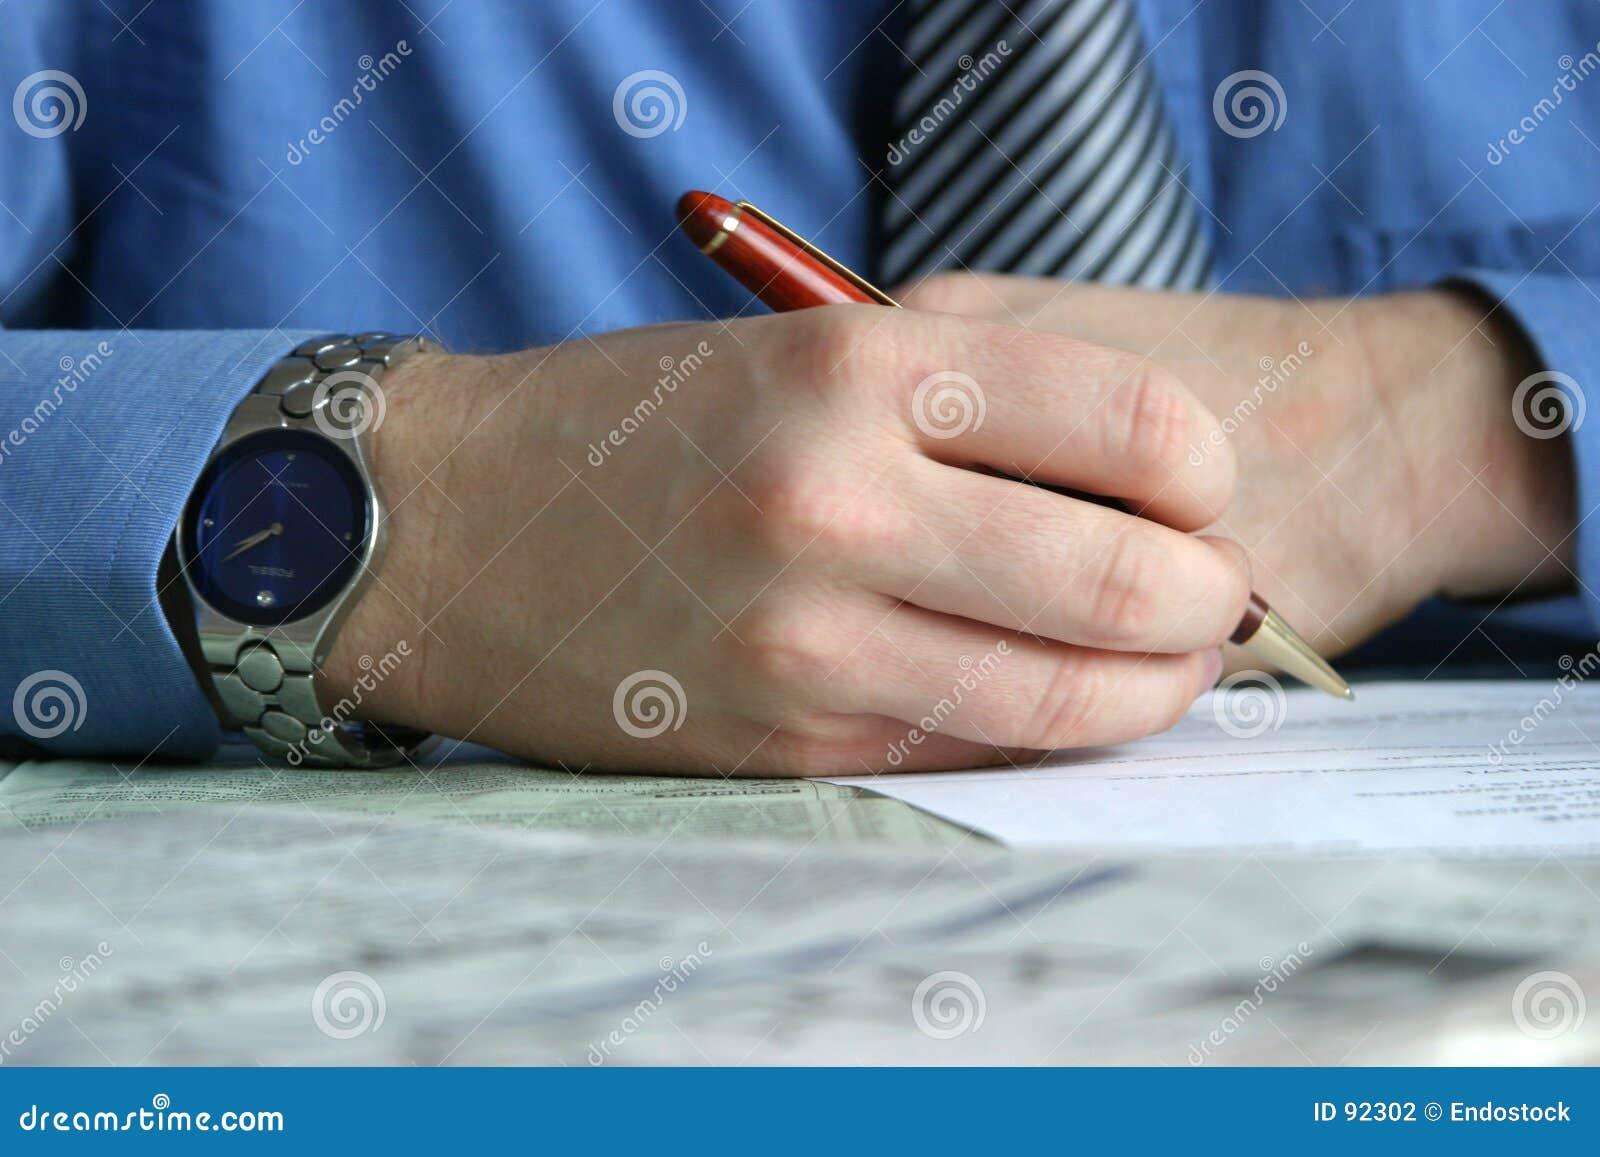 Overeenkomst - hand die contract ondertekent